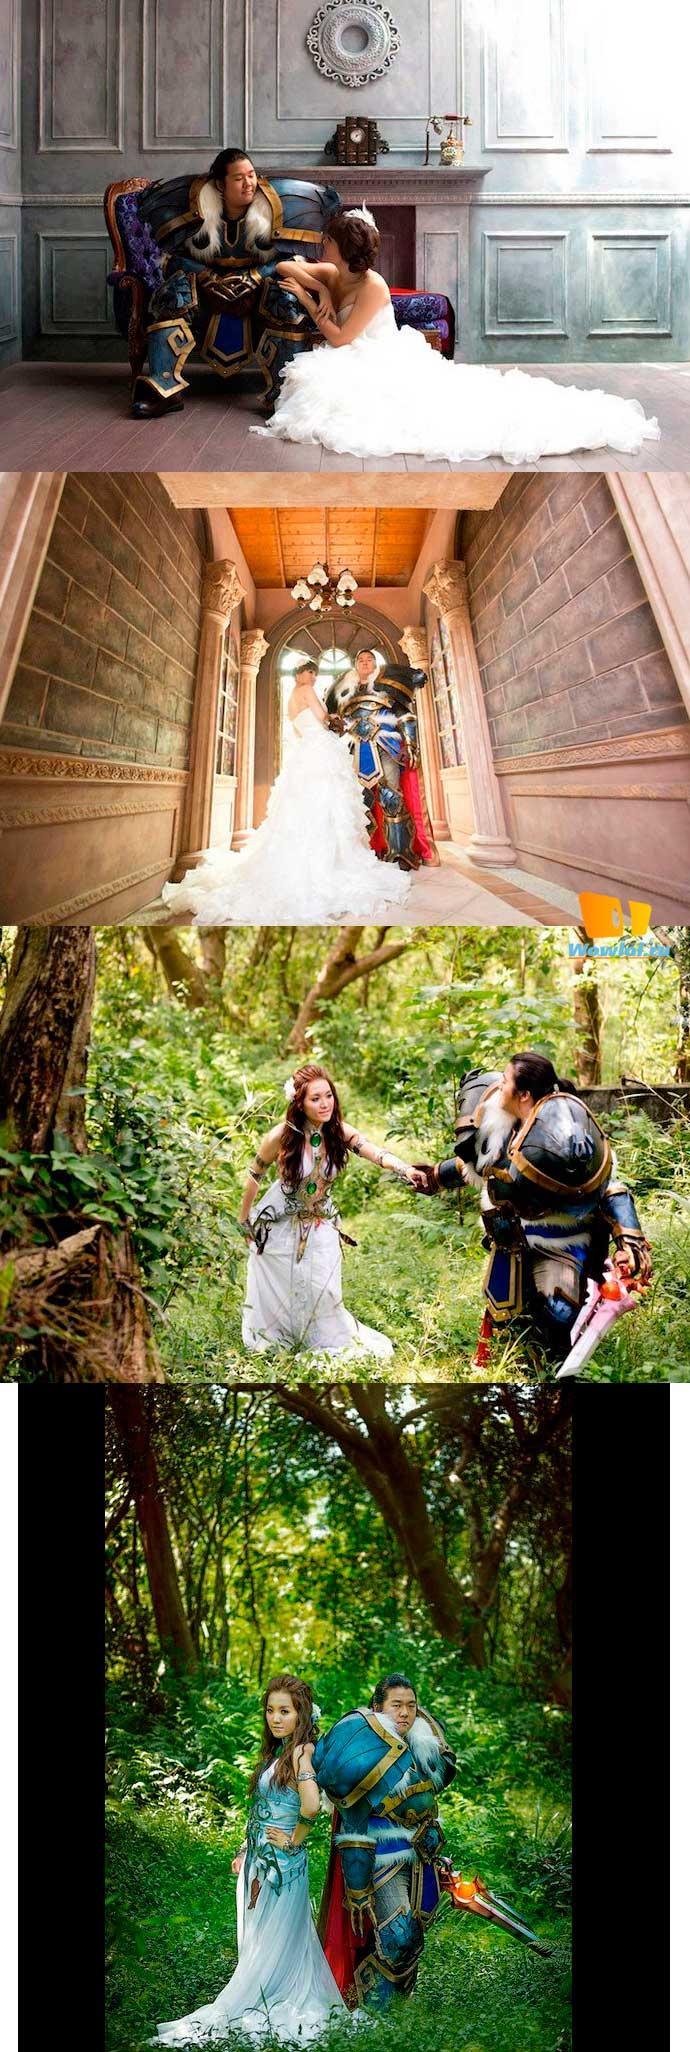 Косплей-костюмы для тематической свадьбы